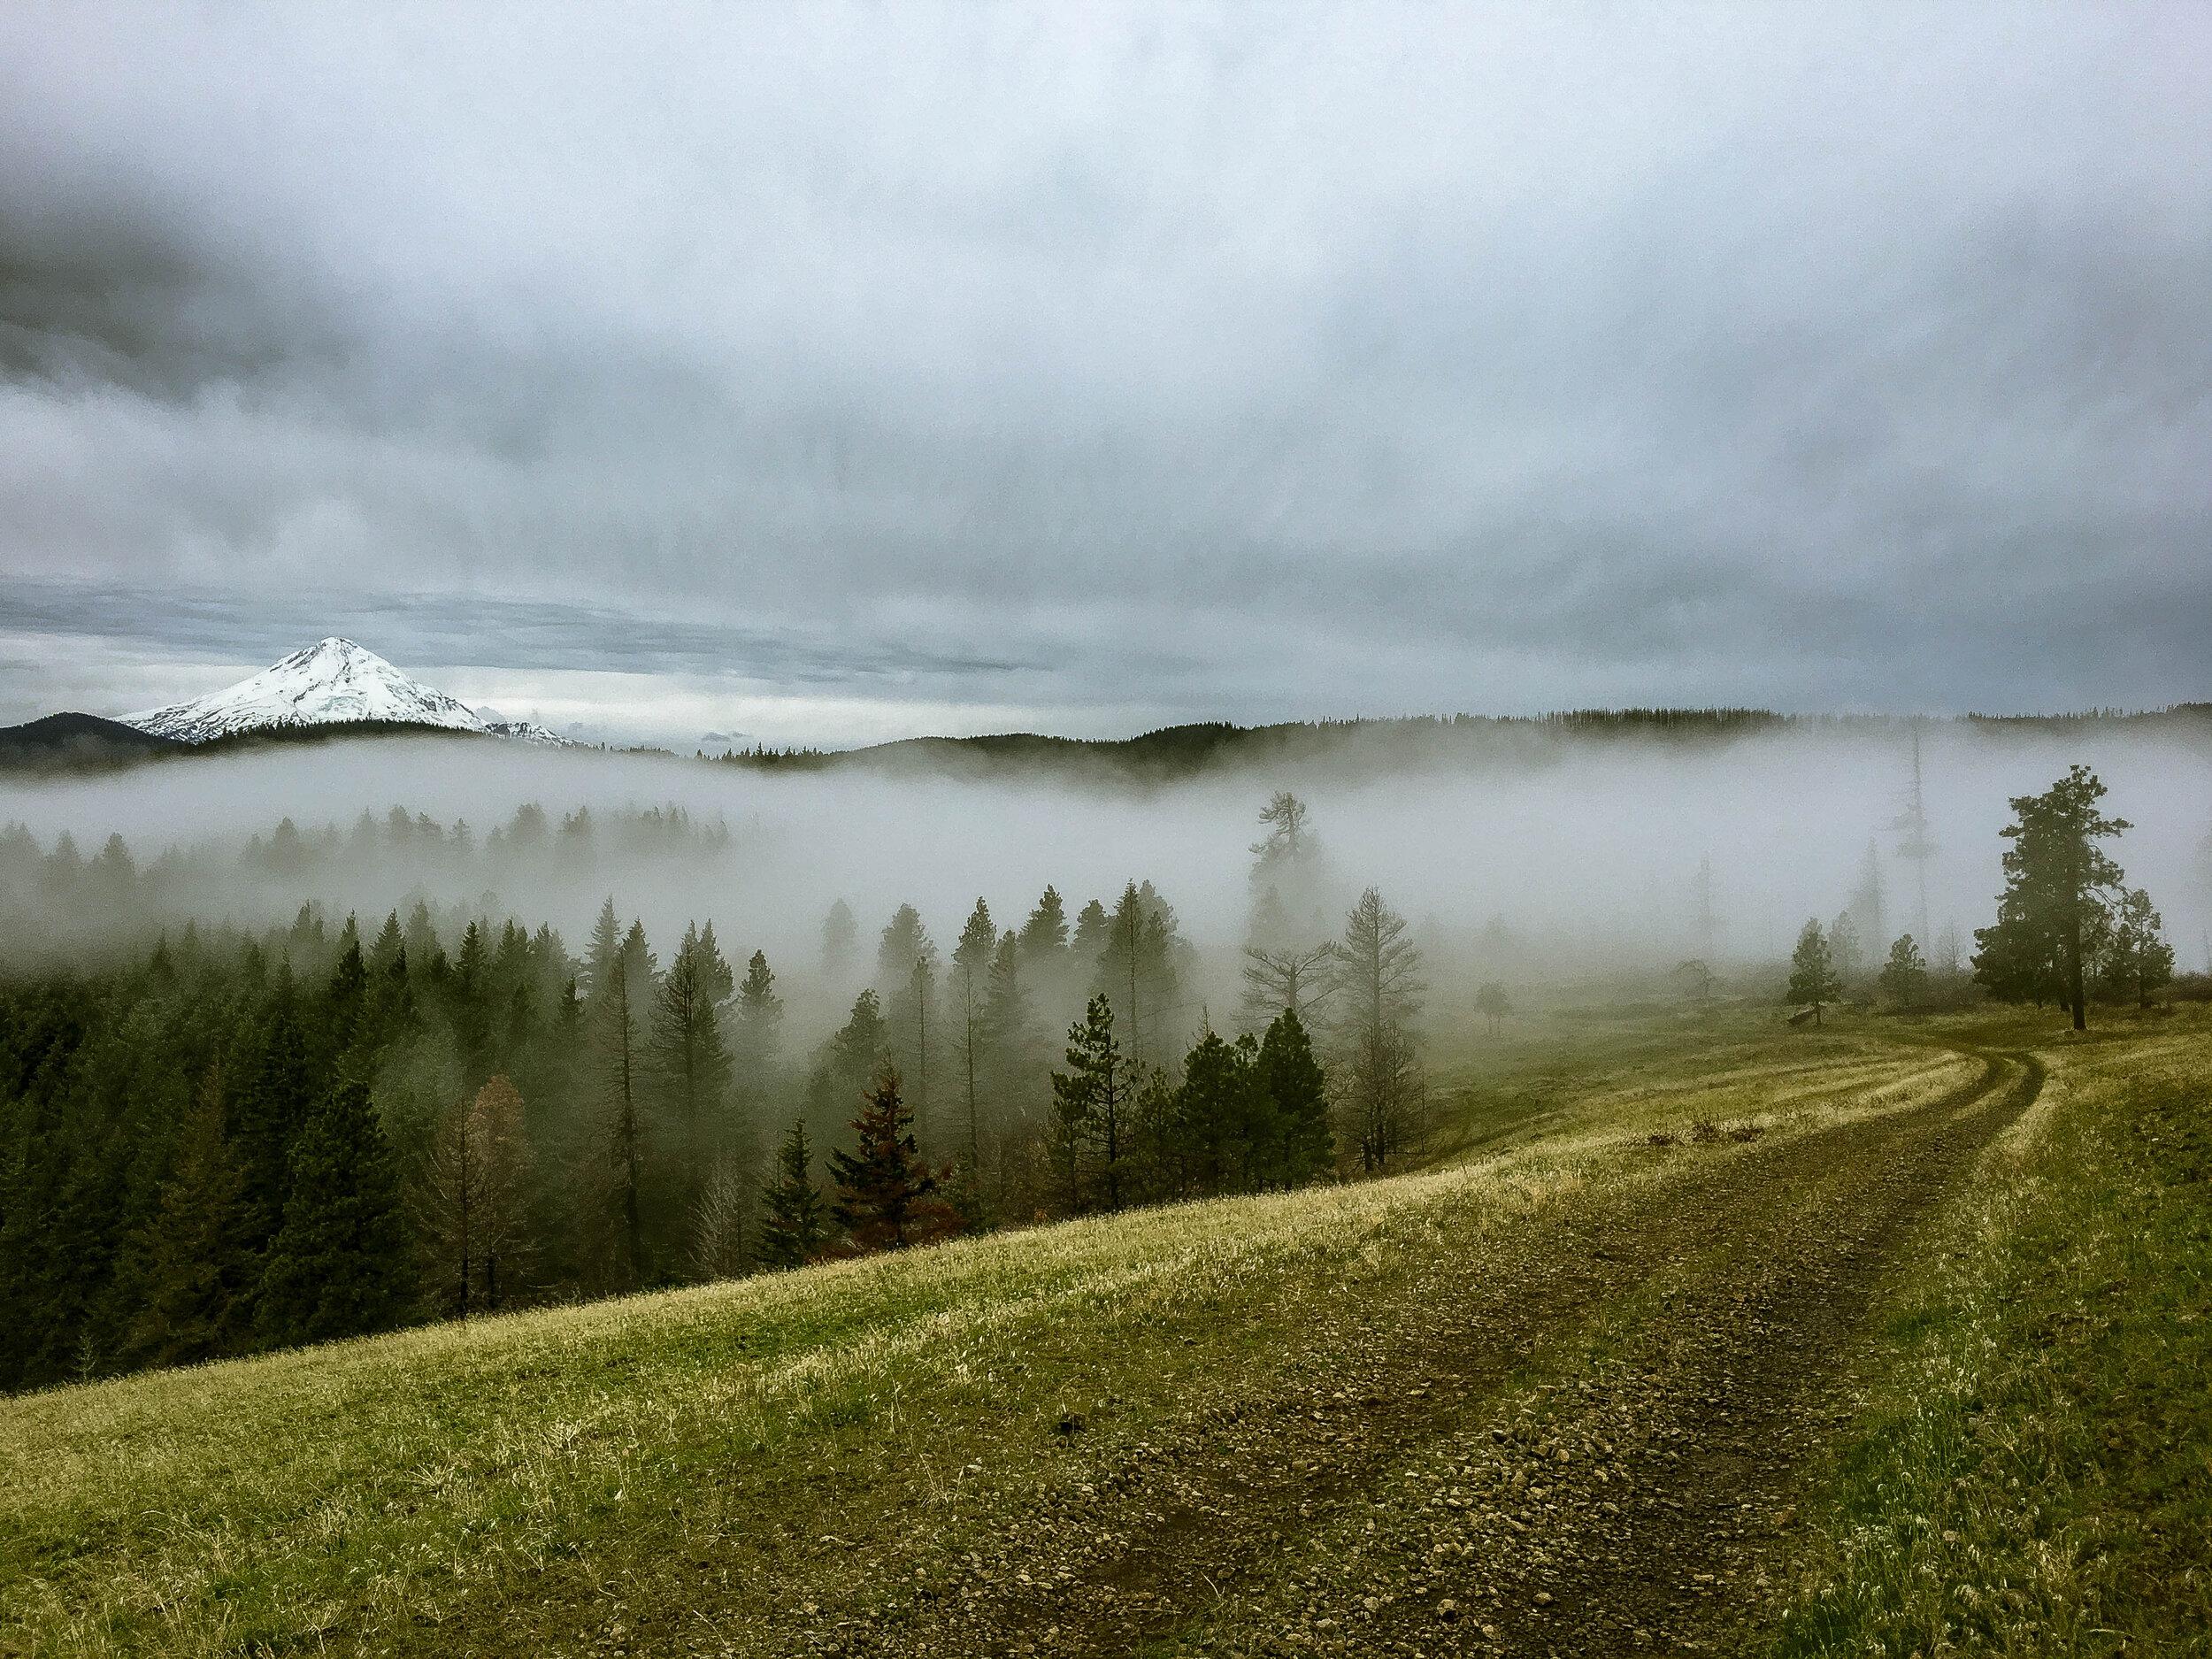 - Our motherthe mountain